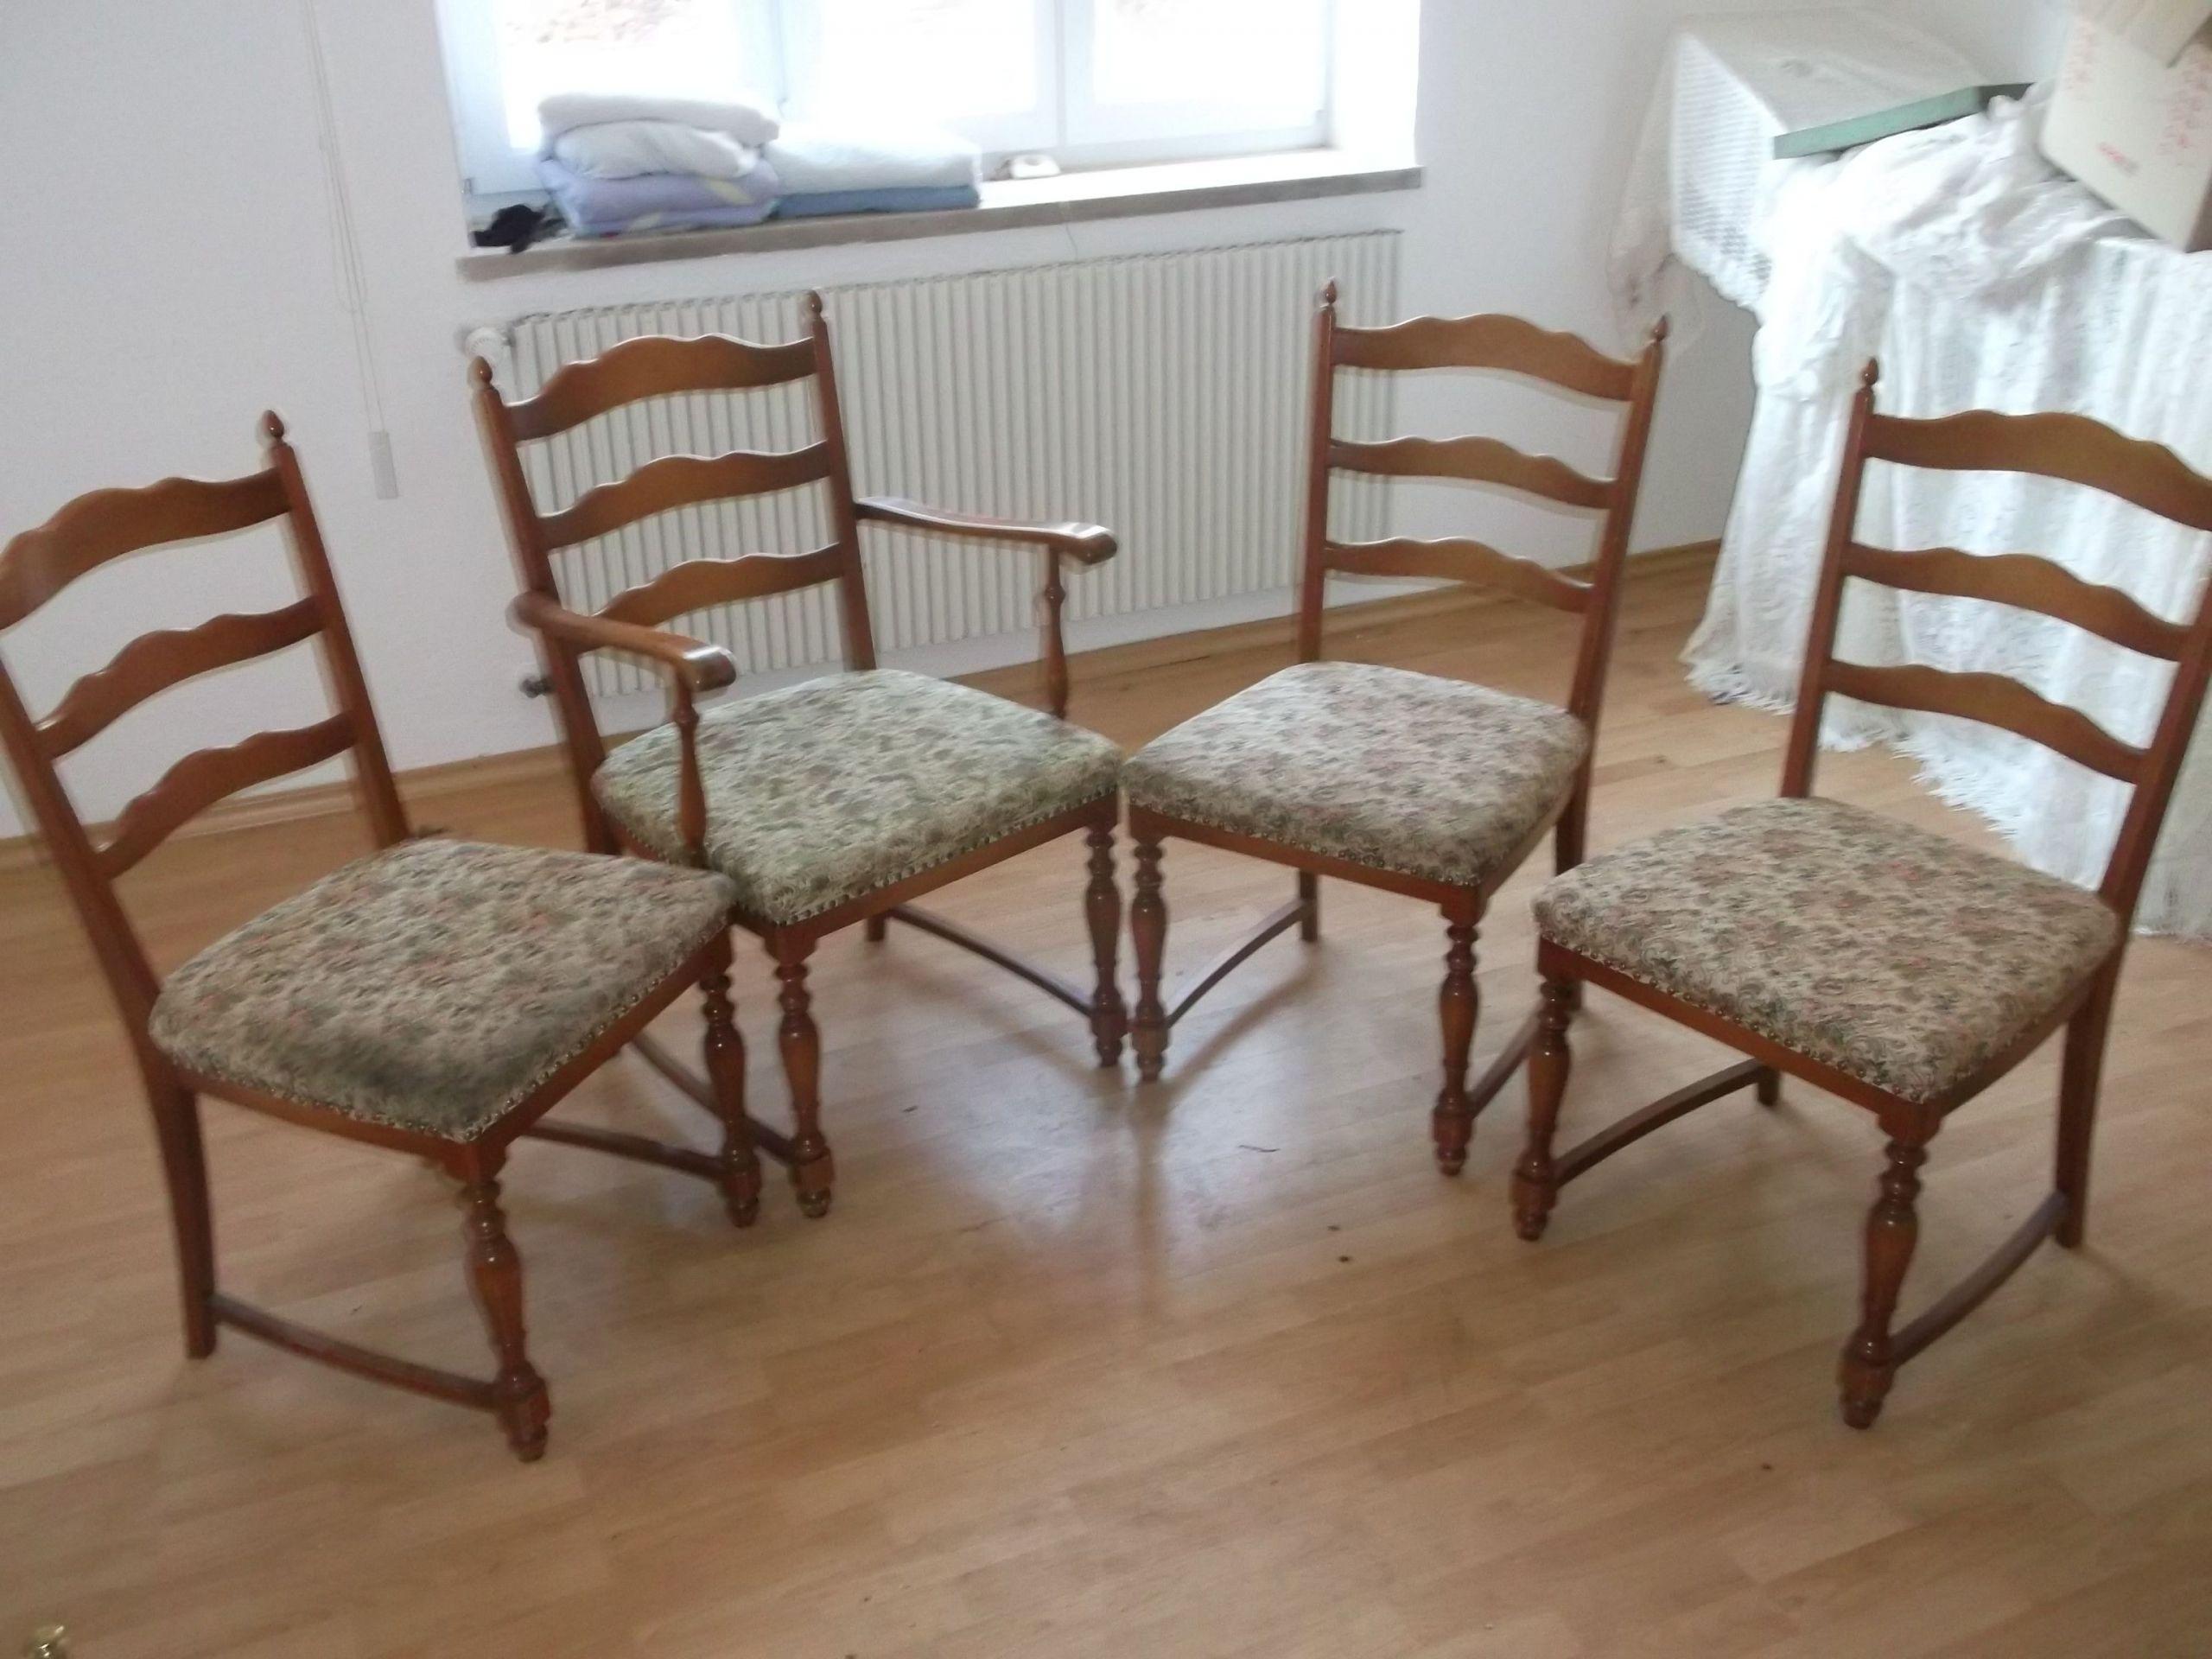 Alte Stühle Aufpeppen Best Of Landhaus Stühle Gepolstert Das Schön Und Herrlich